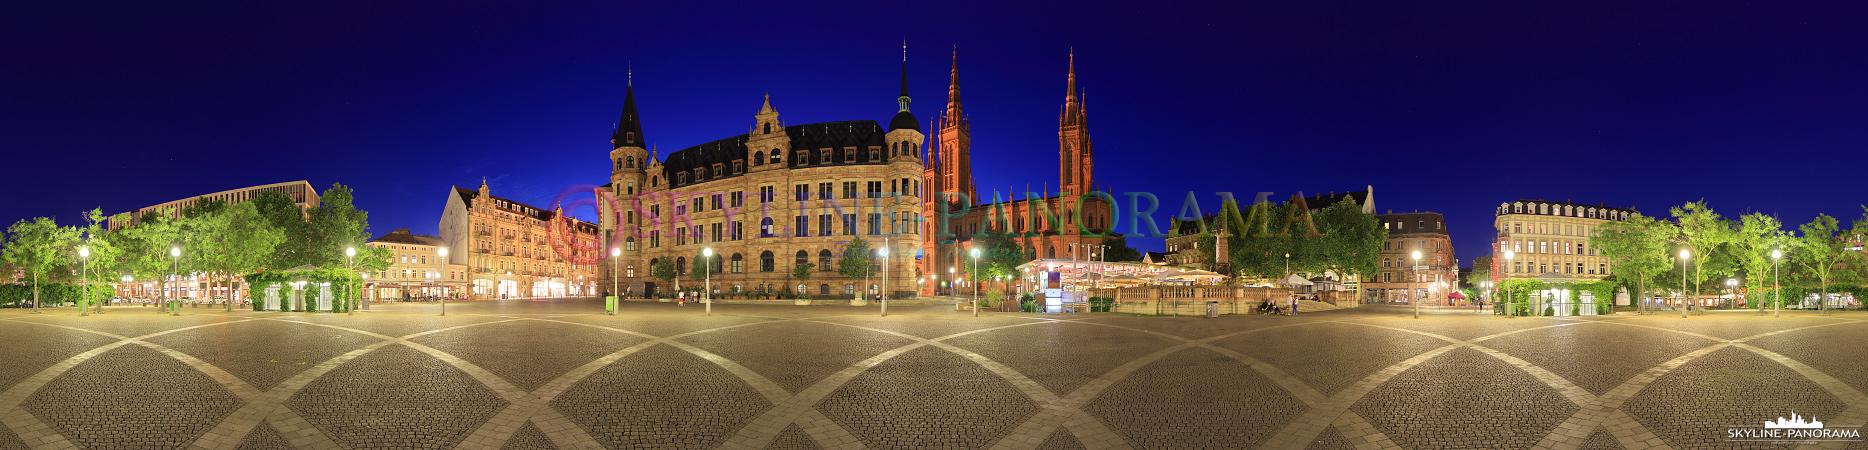 Panorama Wiesbaden - Der Marktplatz in der Innenstadt von Wiesbaden mit der Rückseite des Rathauses und der Marktkirche im Zentrum dieses abendlichen Panoramas.